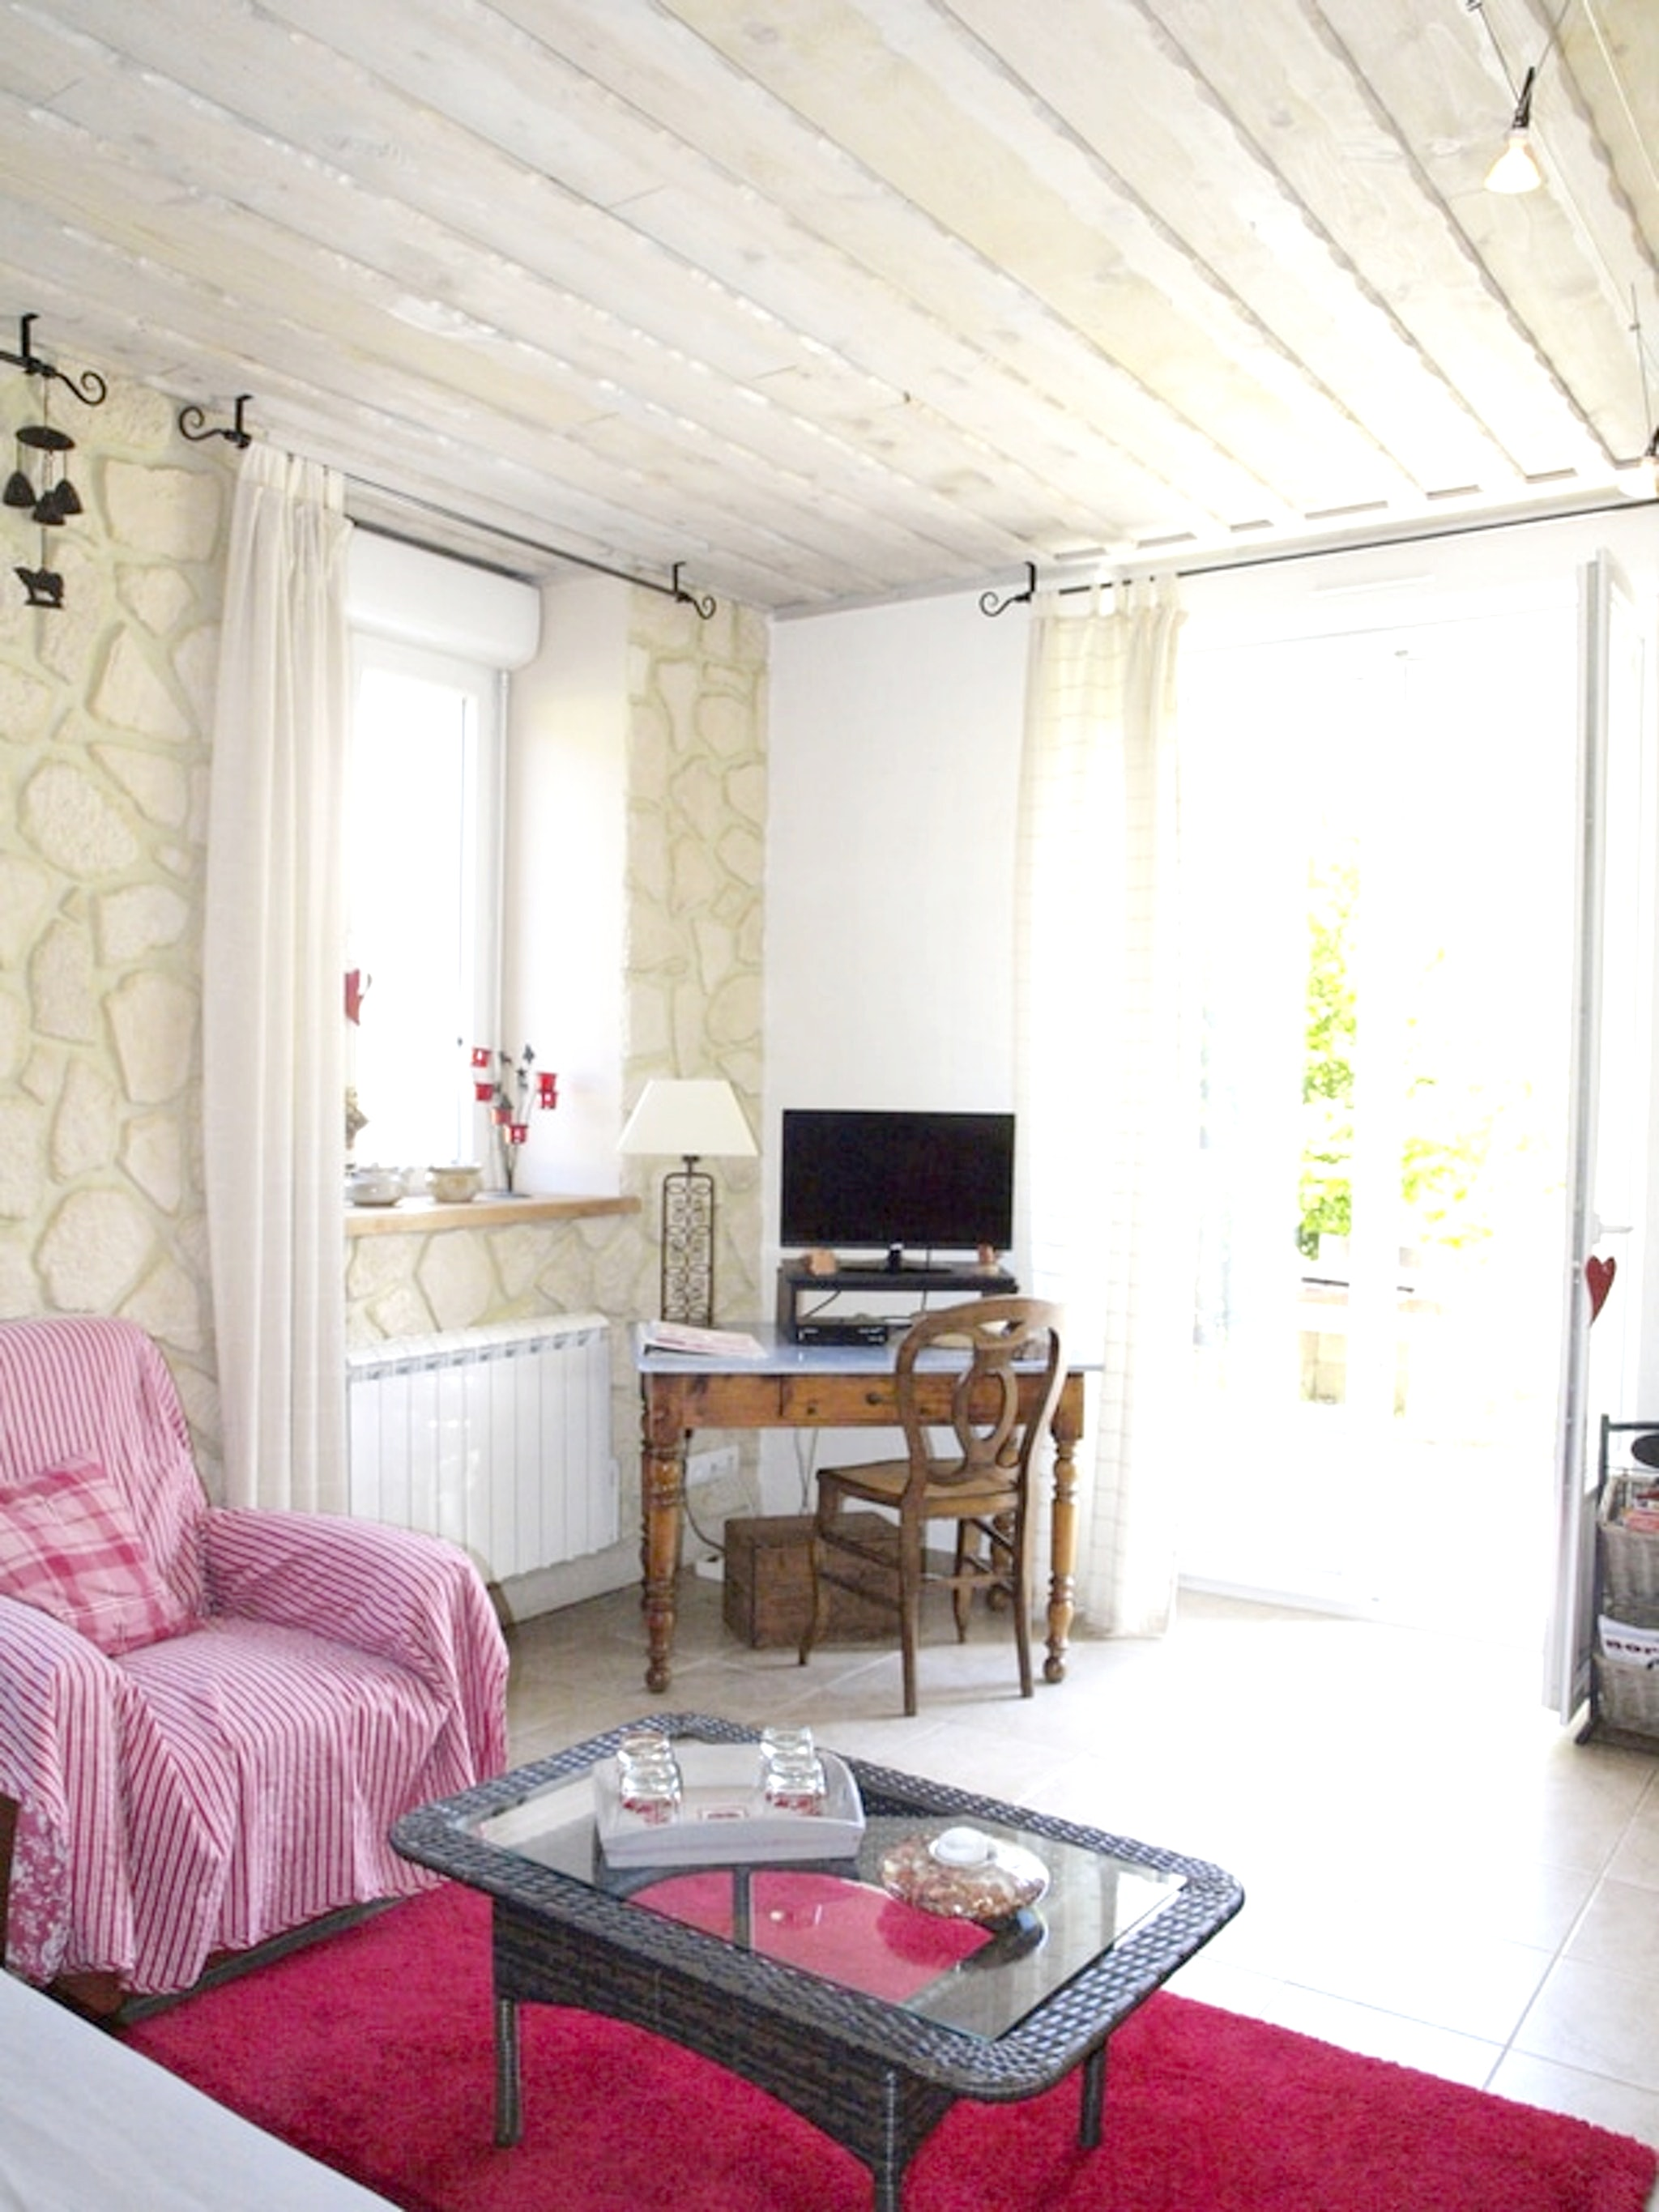 Maison de vacances Haus mit 2 Schlafzimmern in Villard-Saint-Sauveur mit toller Aussicht auf die Berge und ei (2704040), Villard sur Bienne, Jura, Franche-Comté, France, image 8